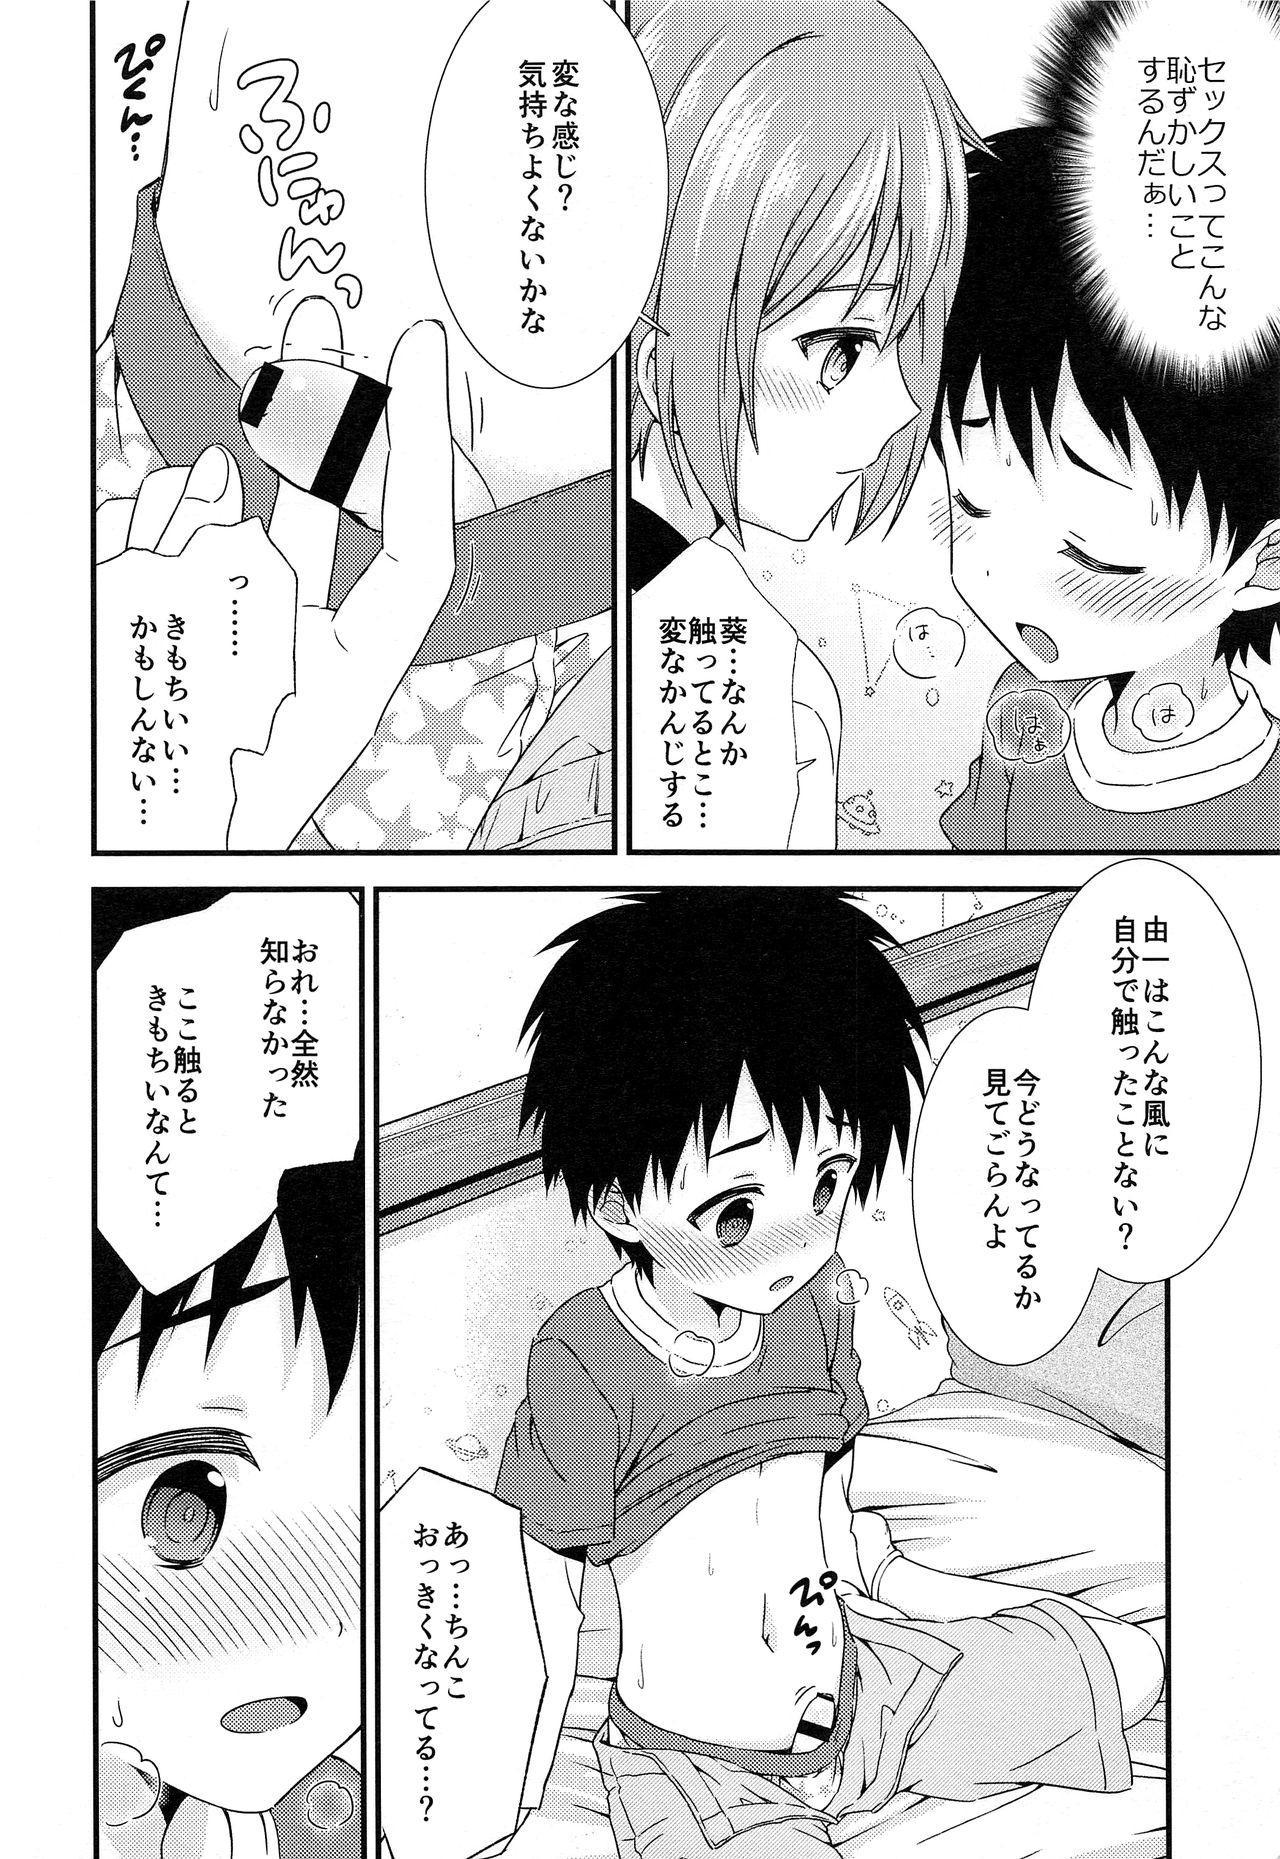 Yuujou no Hate ni Kimi to Sex shita 10